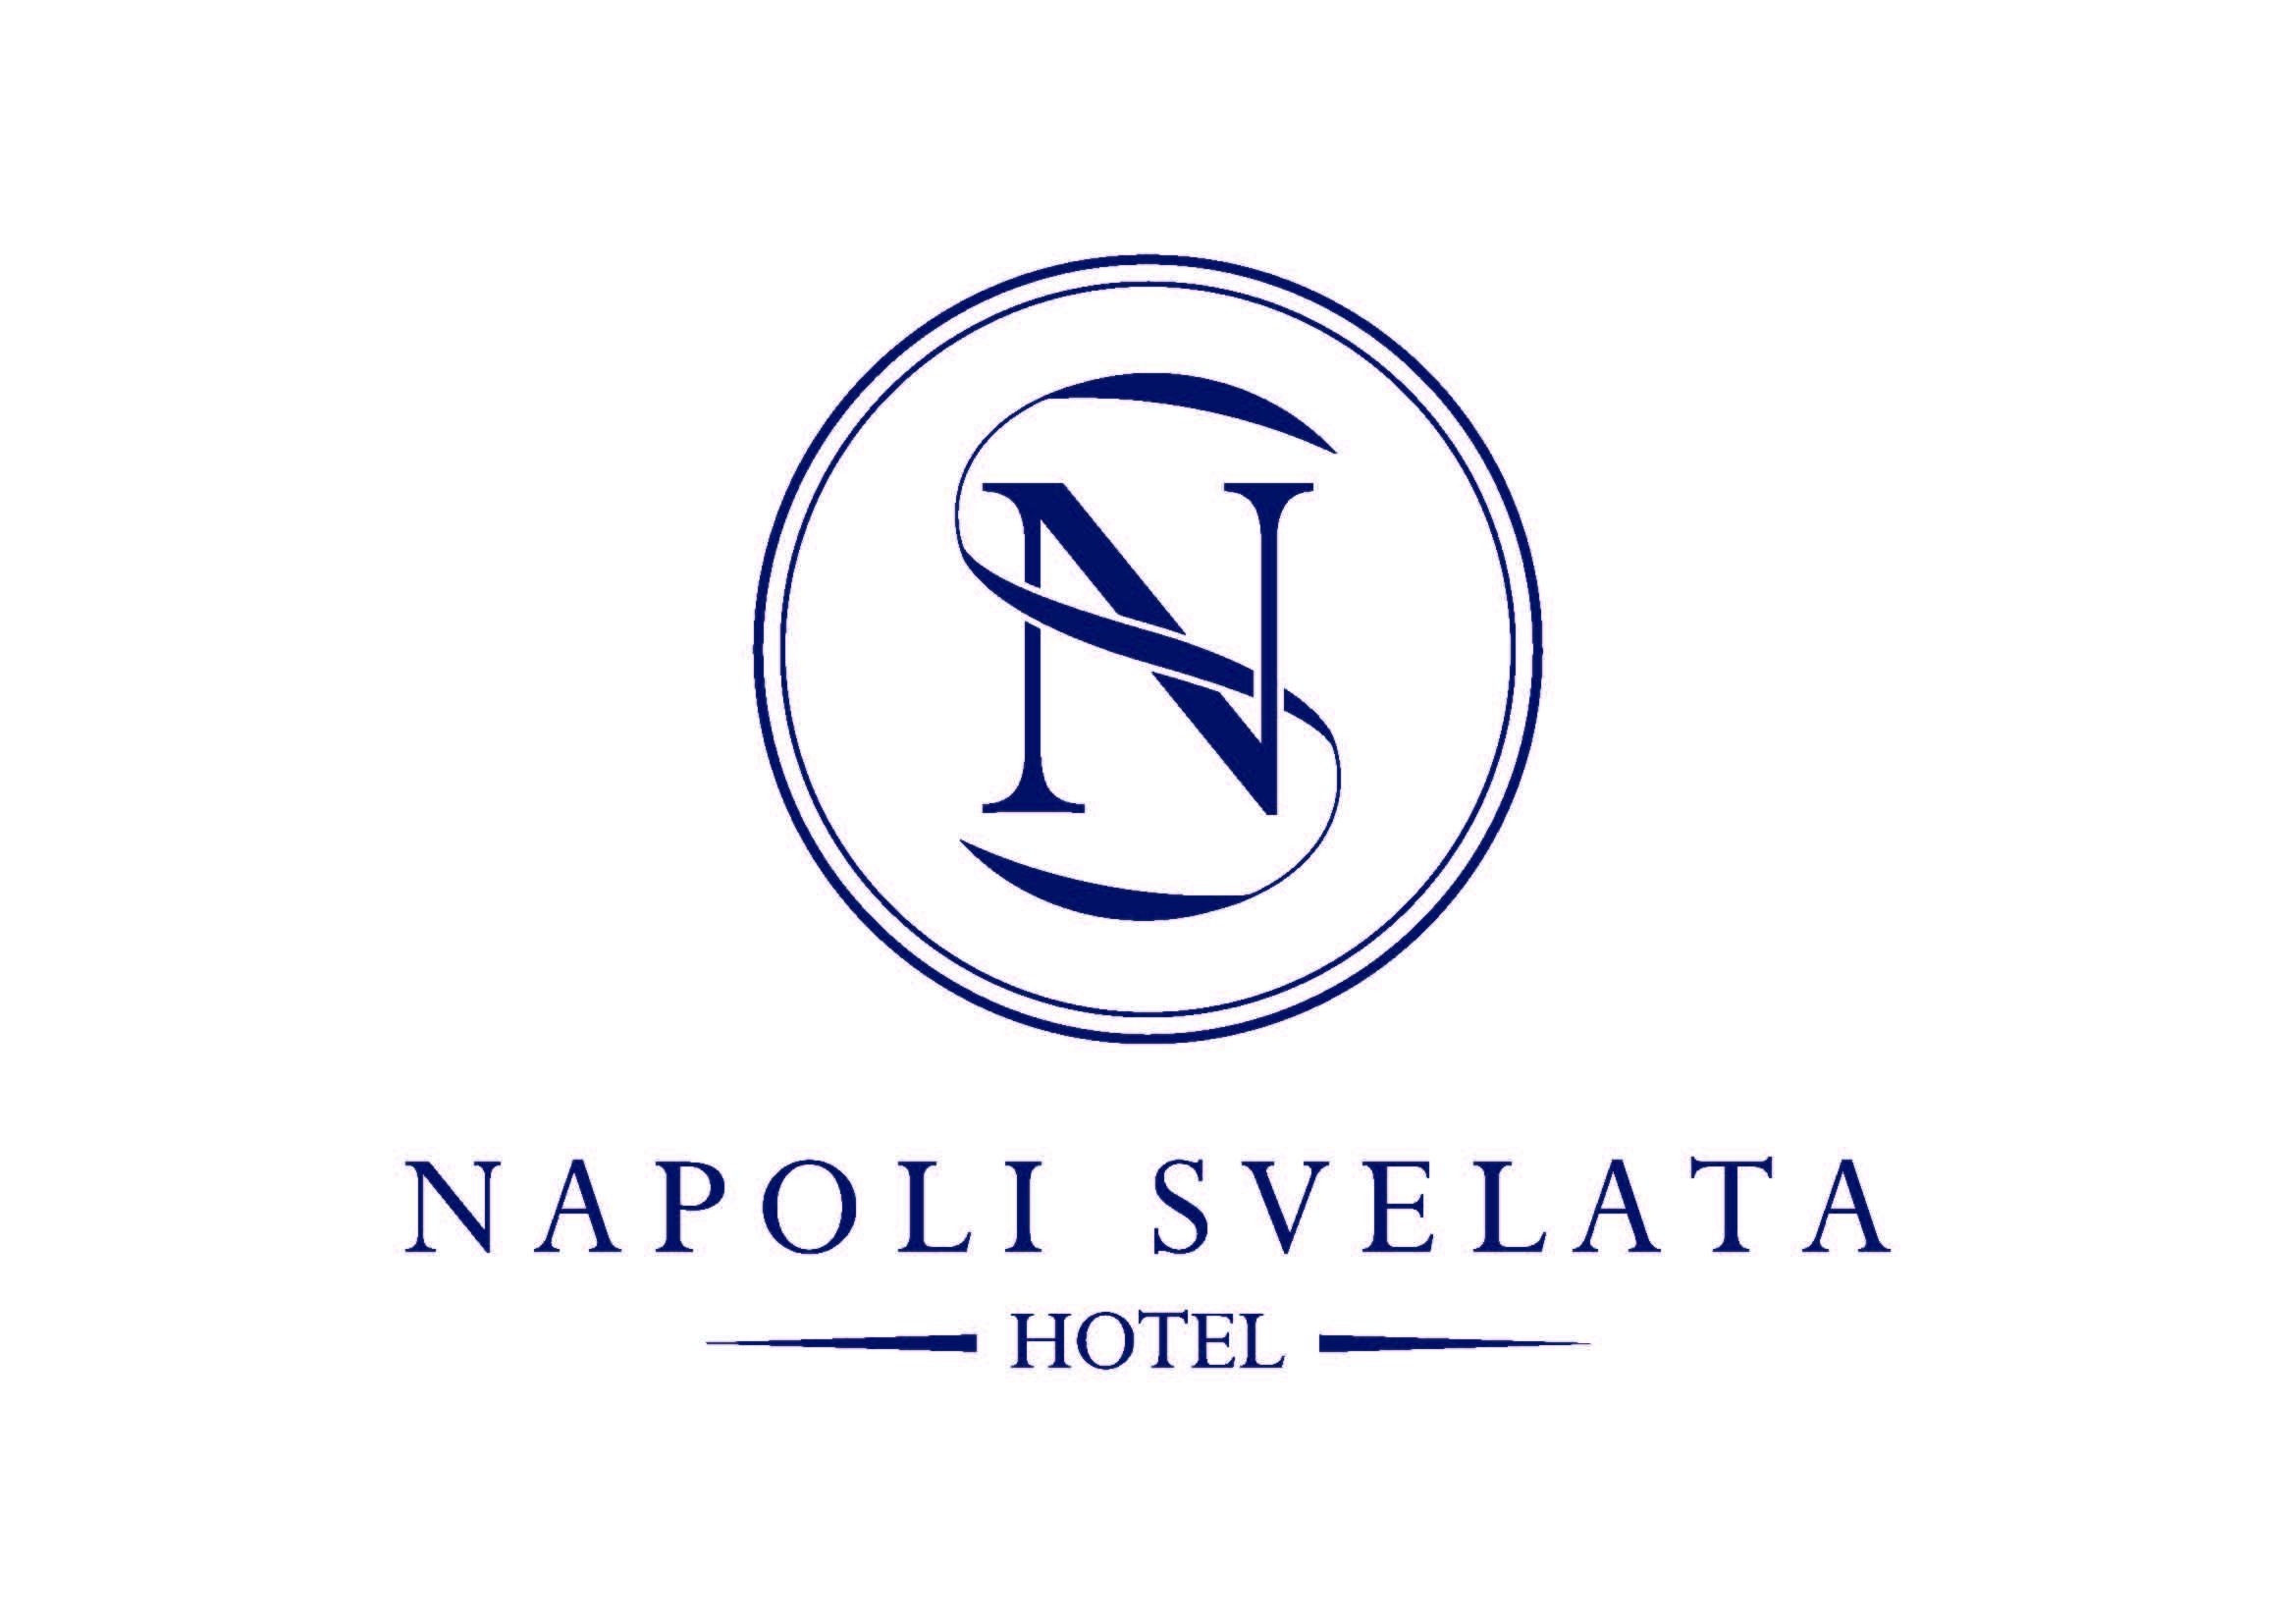 Napoli Svelata